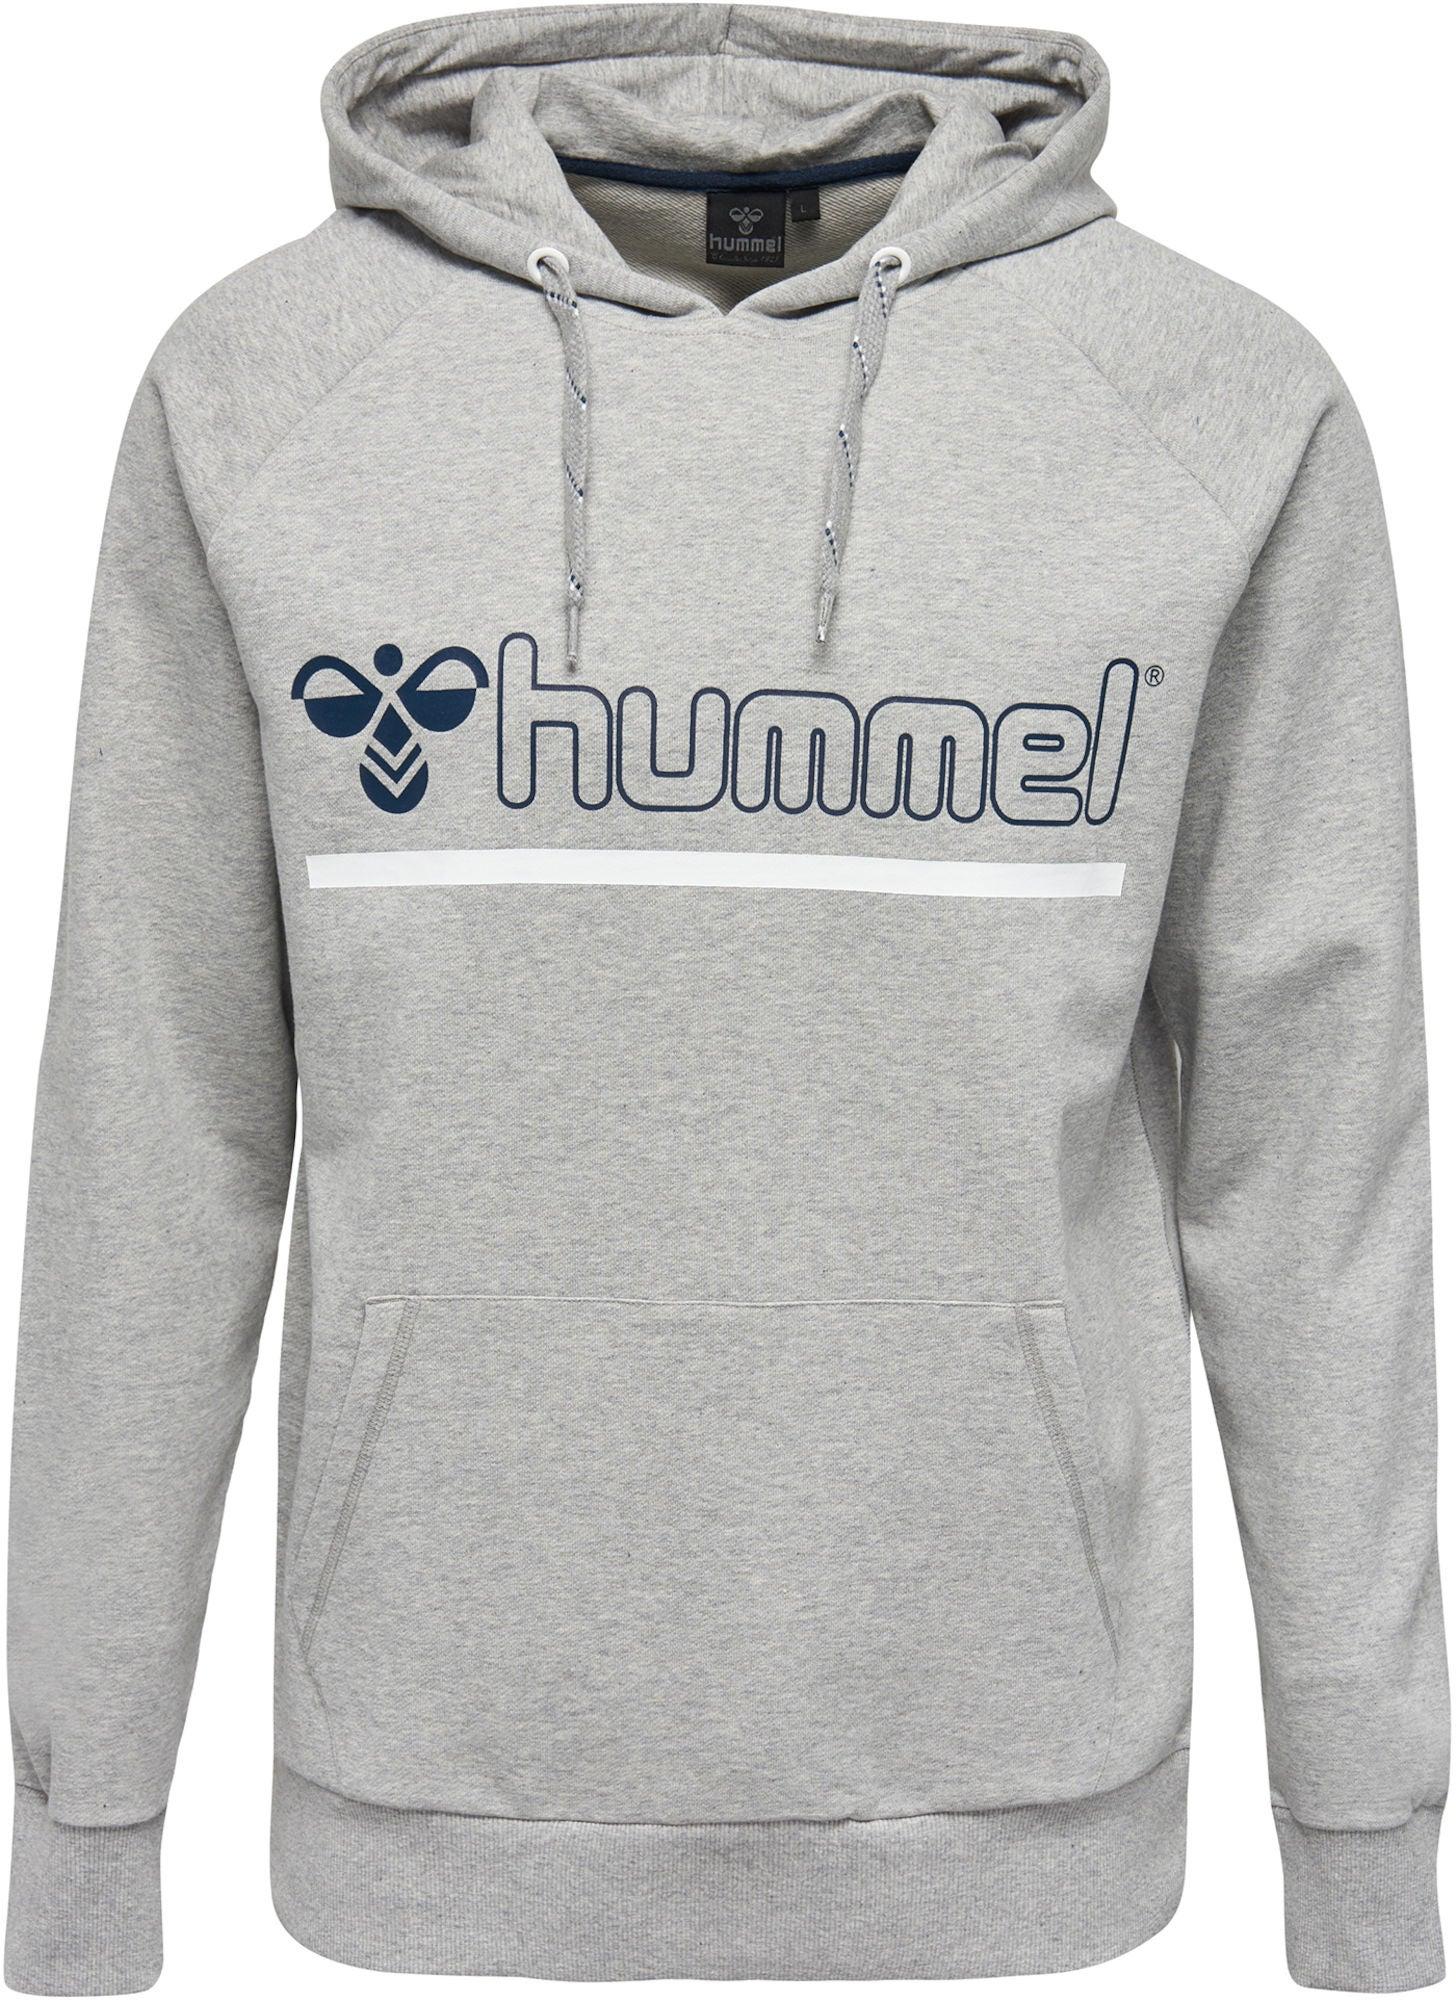 fc51cc0327f Køb Hummel Hmlcomfort Kids Hættetrøje, Grå | Jollyroom